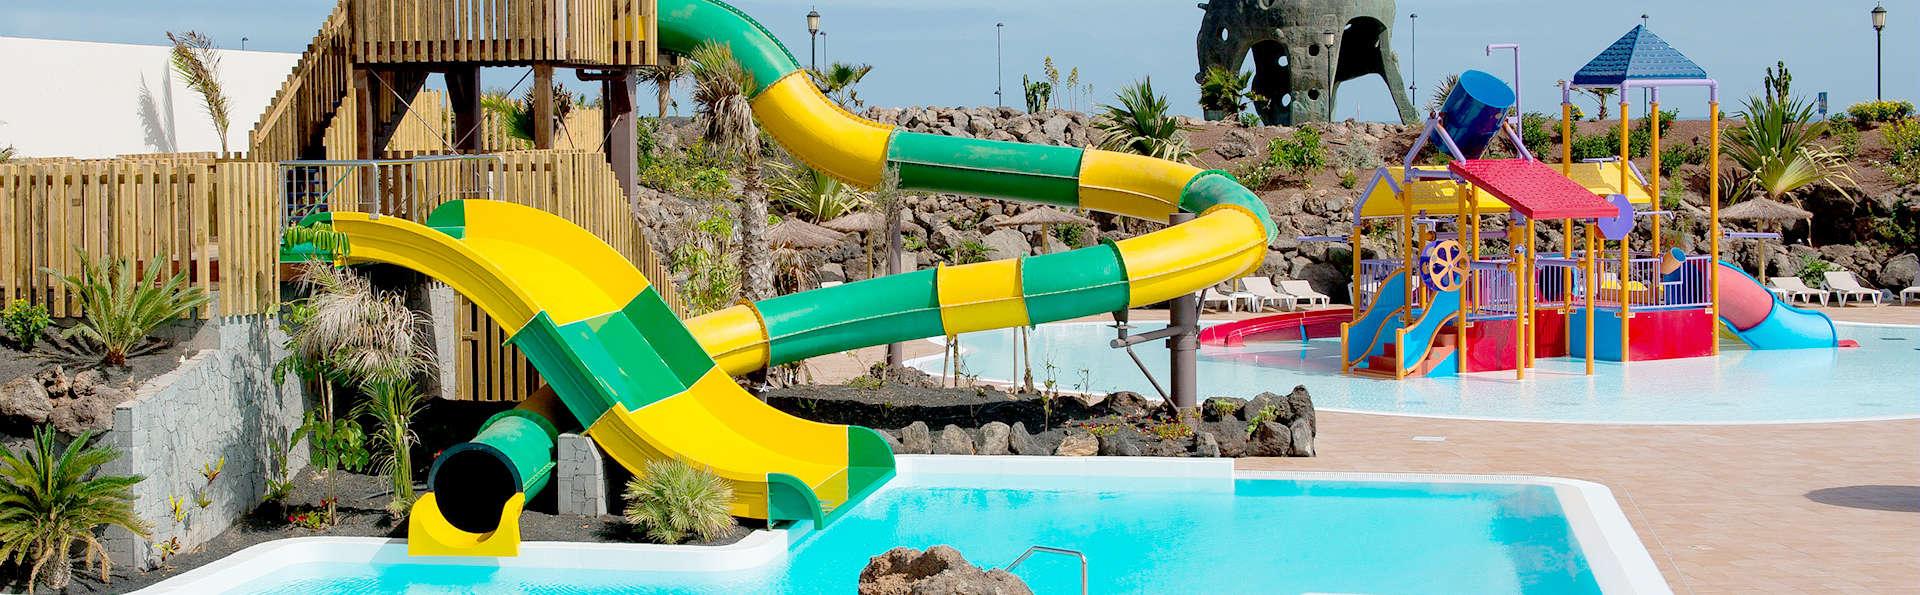 Vacaciones en Fuerteventura en familia o con amigos en Apartamento Suite